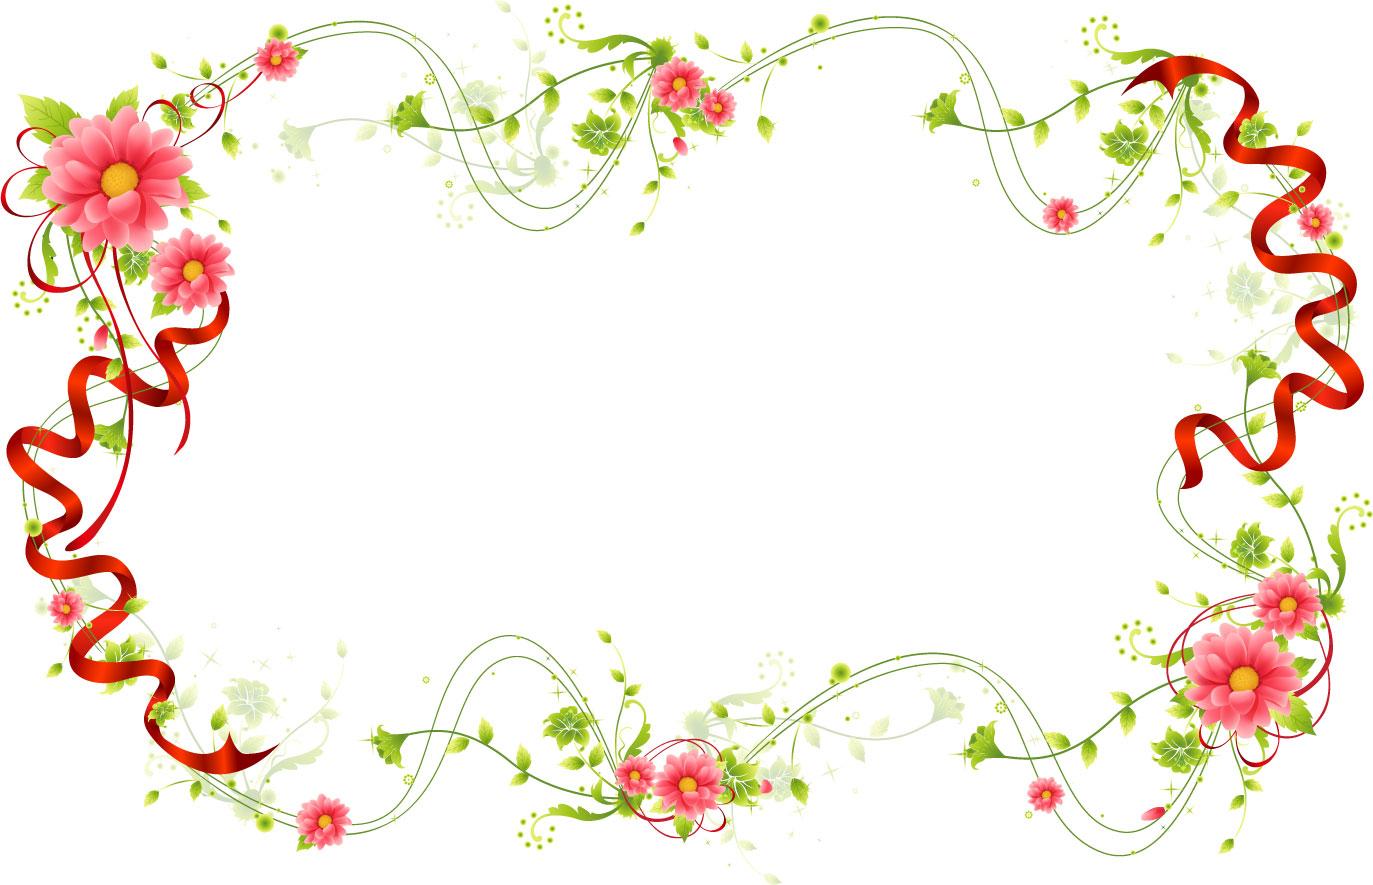 花のイラスト・フリー素材/フレーム枠no.474『手作りの草花』